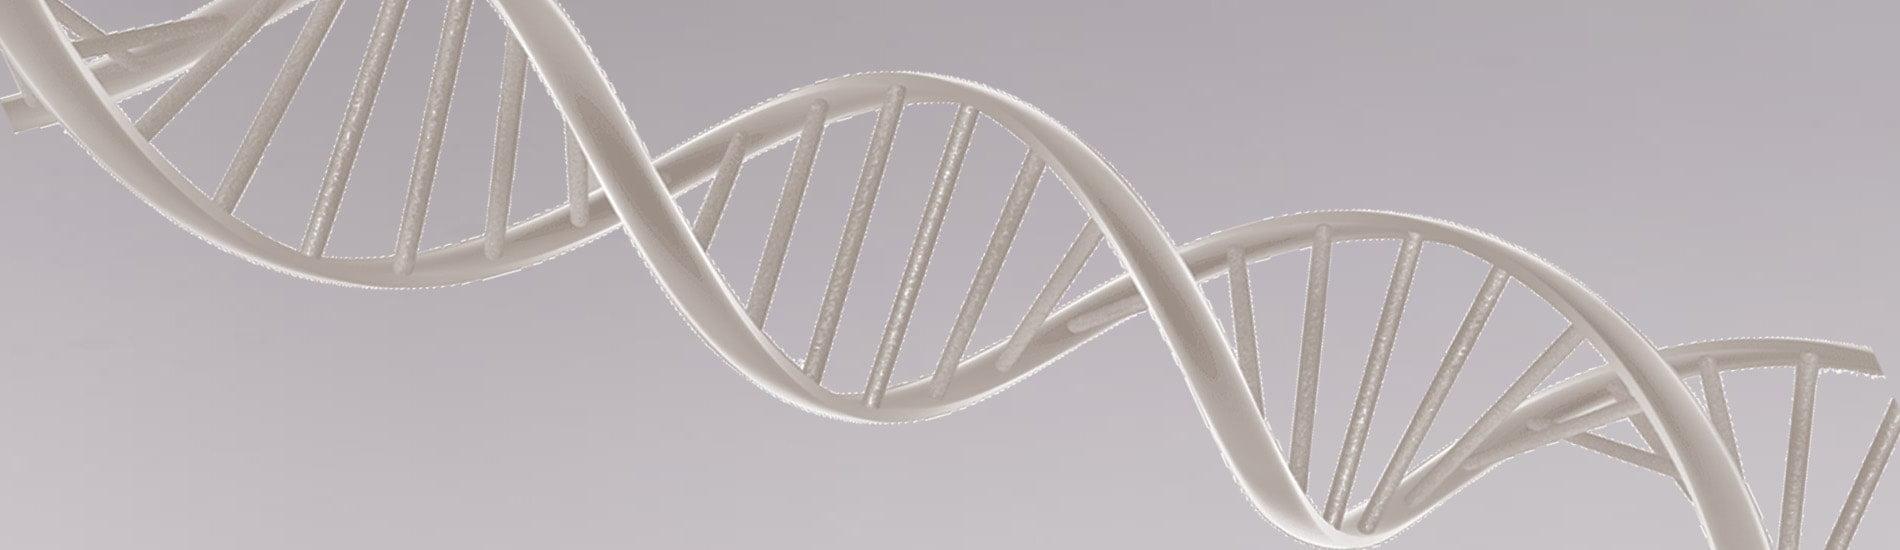 peptydy biomimetyczne